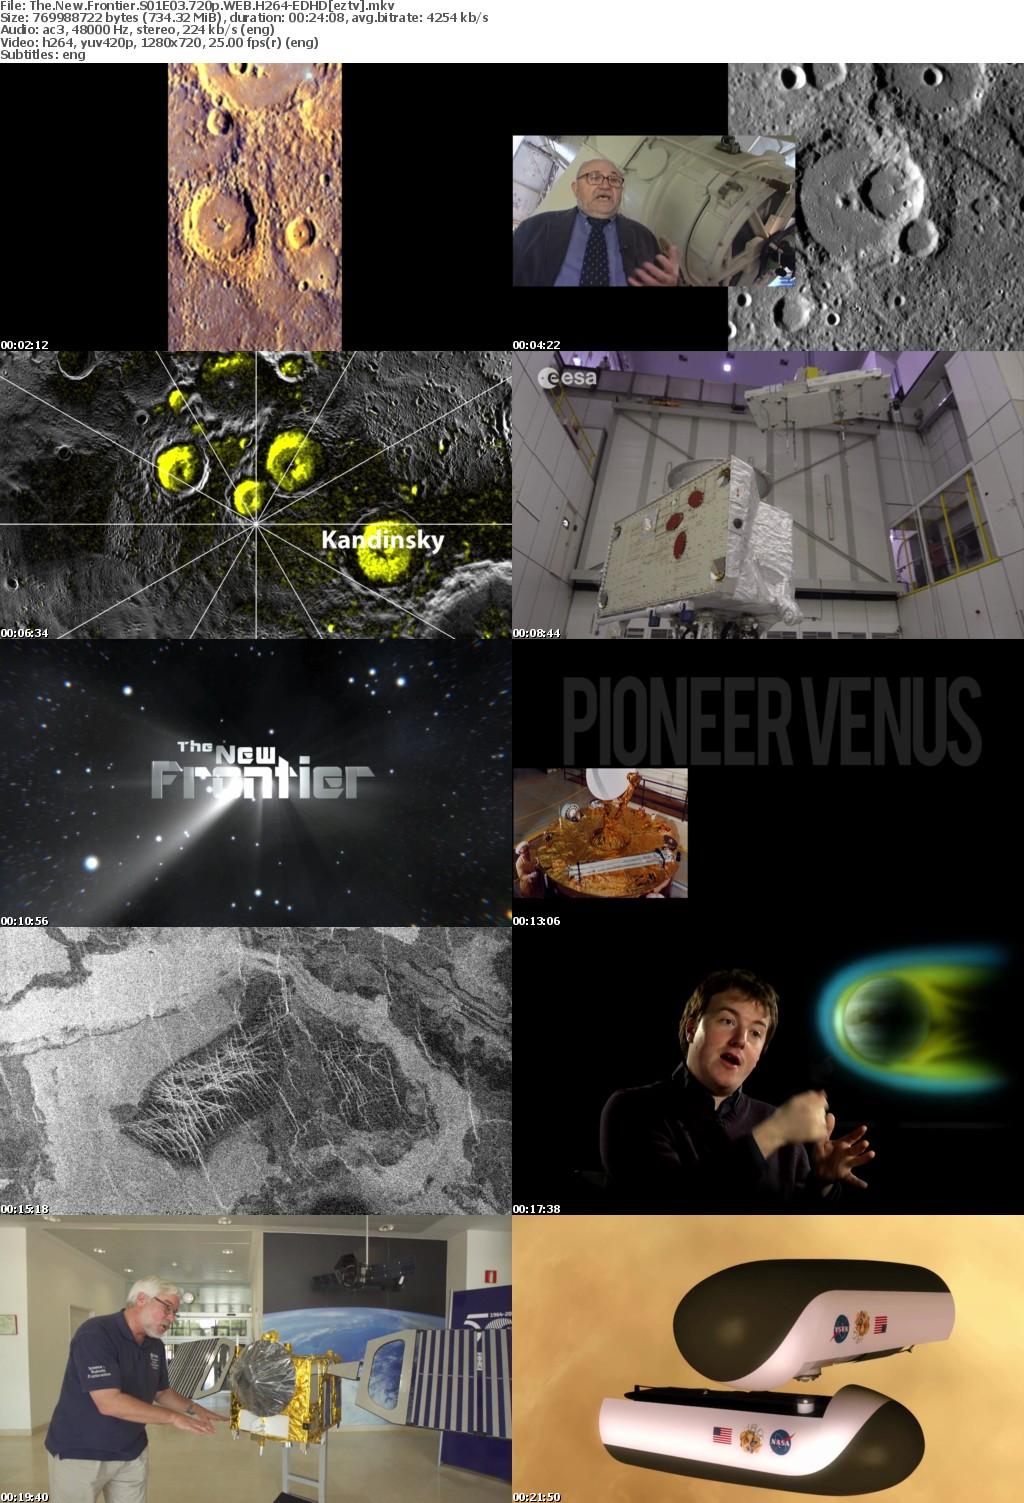 The New Frontier S01E03 720p WEB H264-EDHD